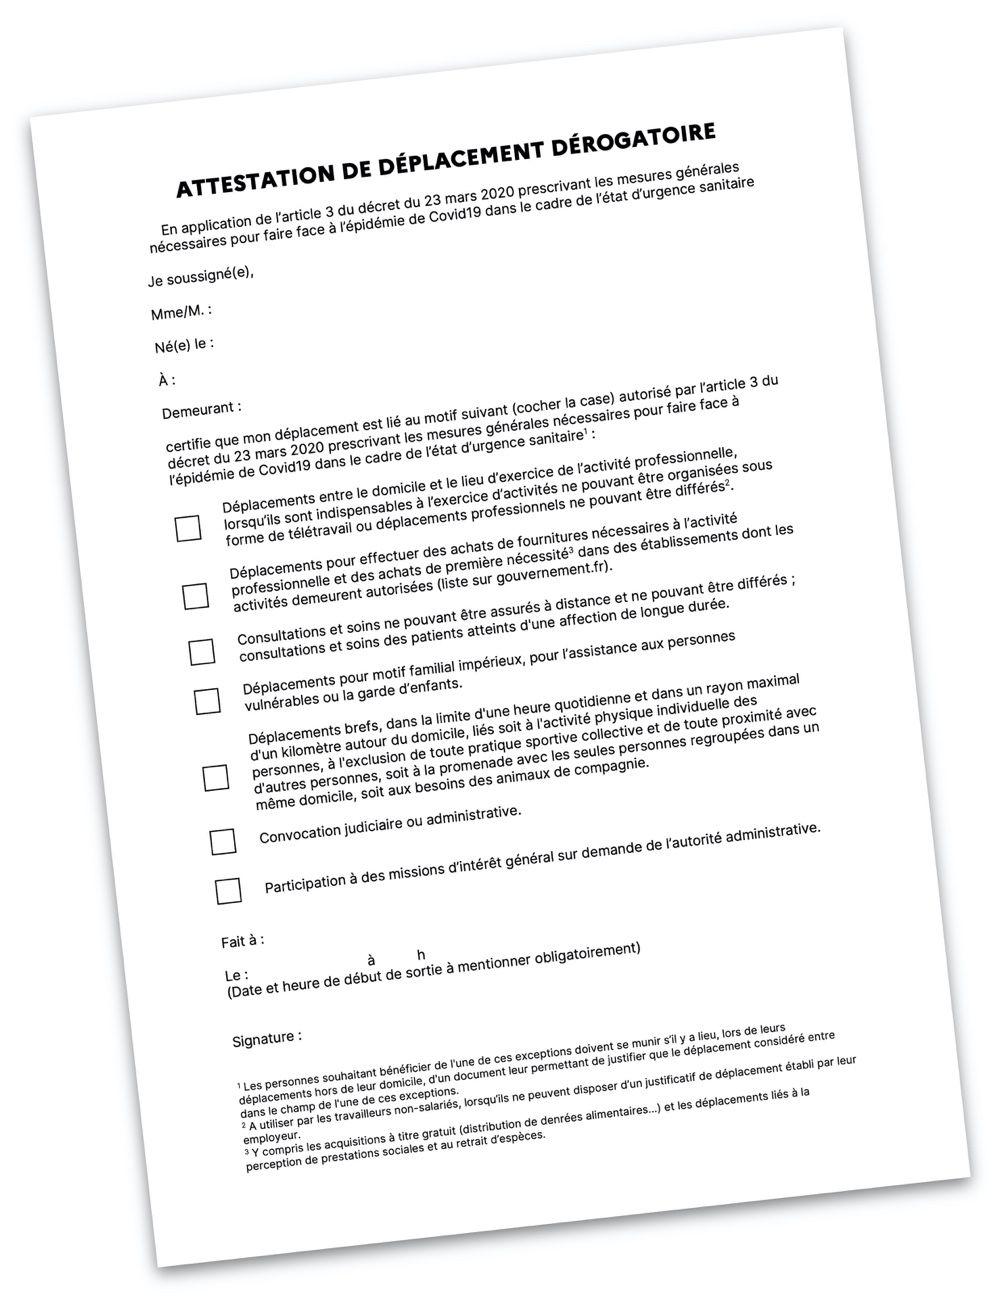 Attestation De Deplacement Une Faillite Du Design Des Services Publics Igeneration